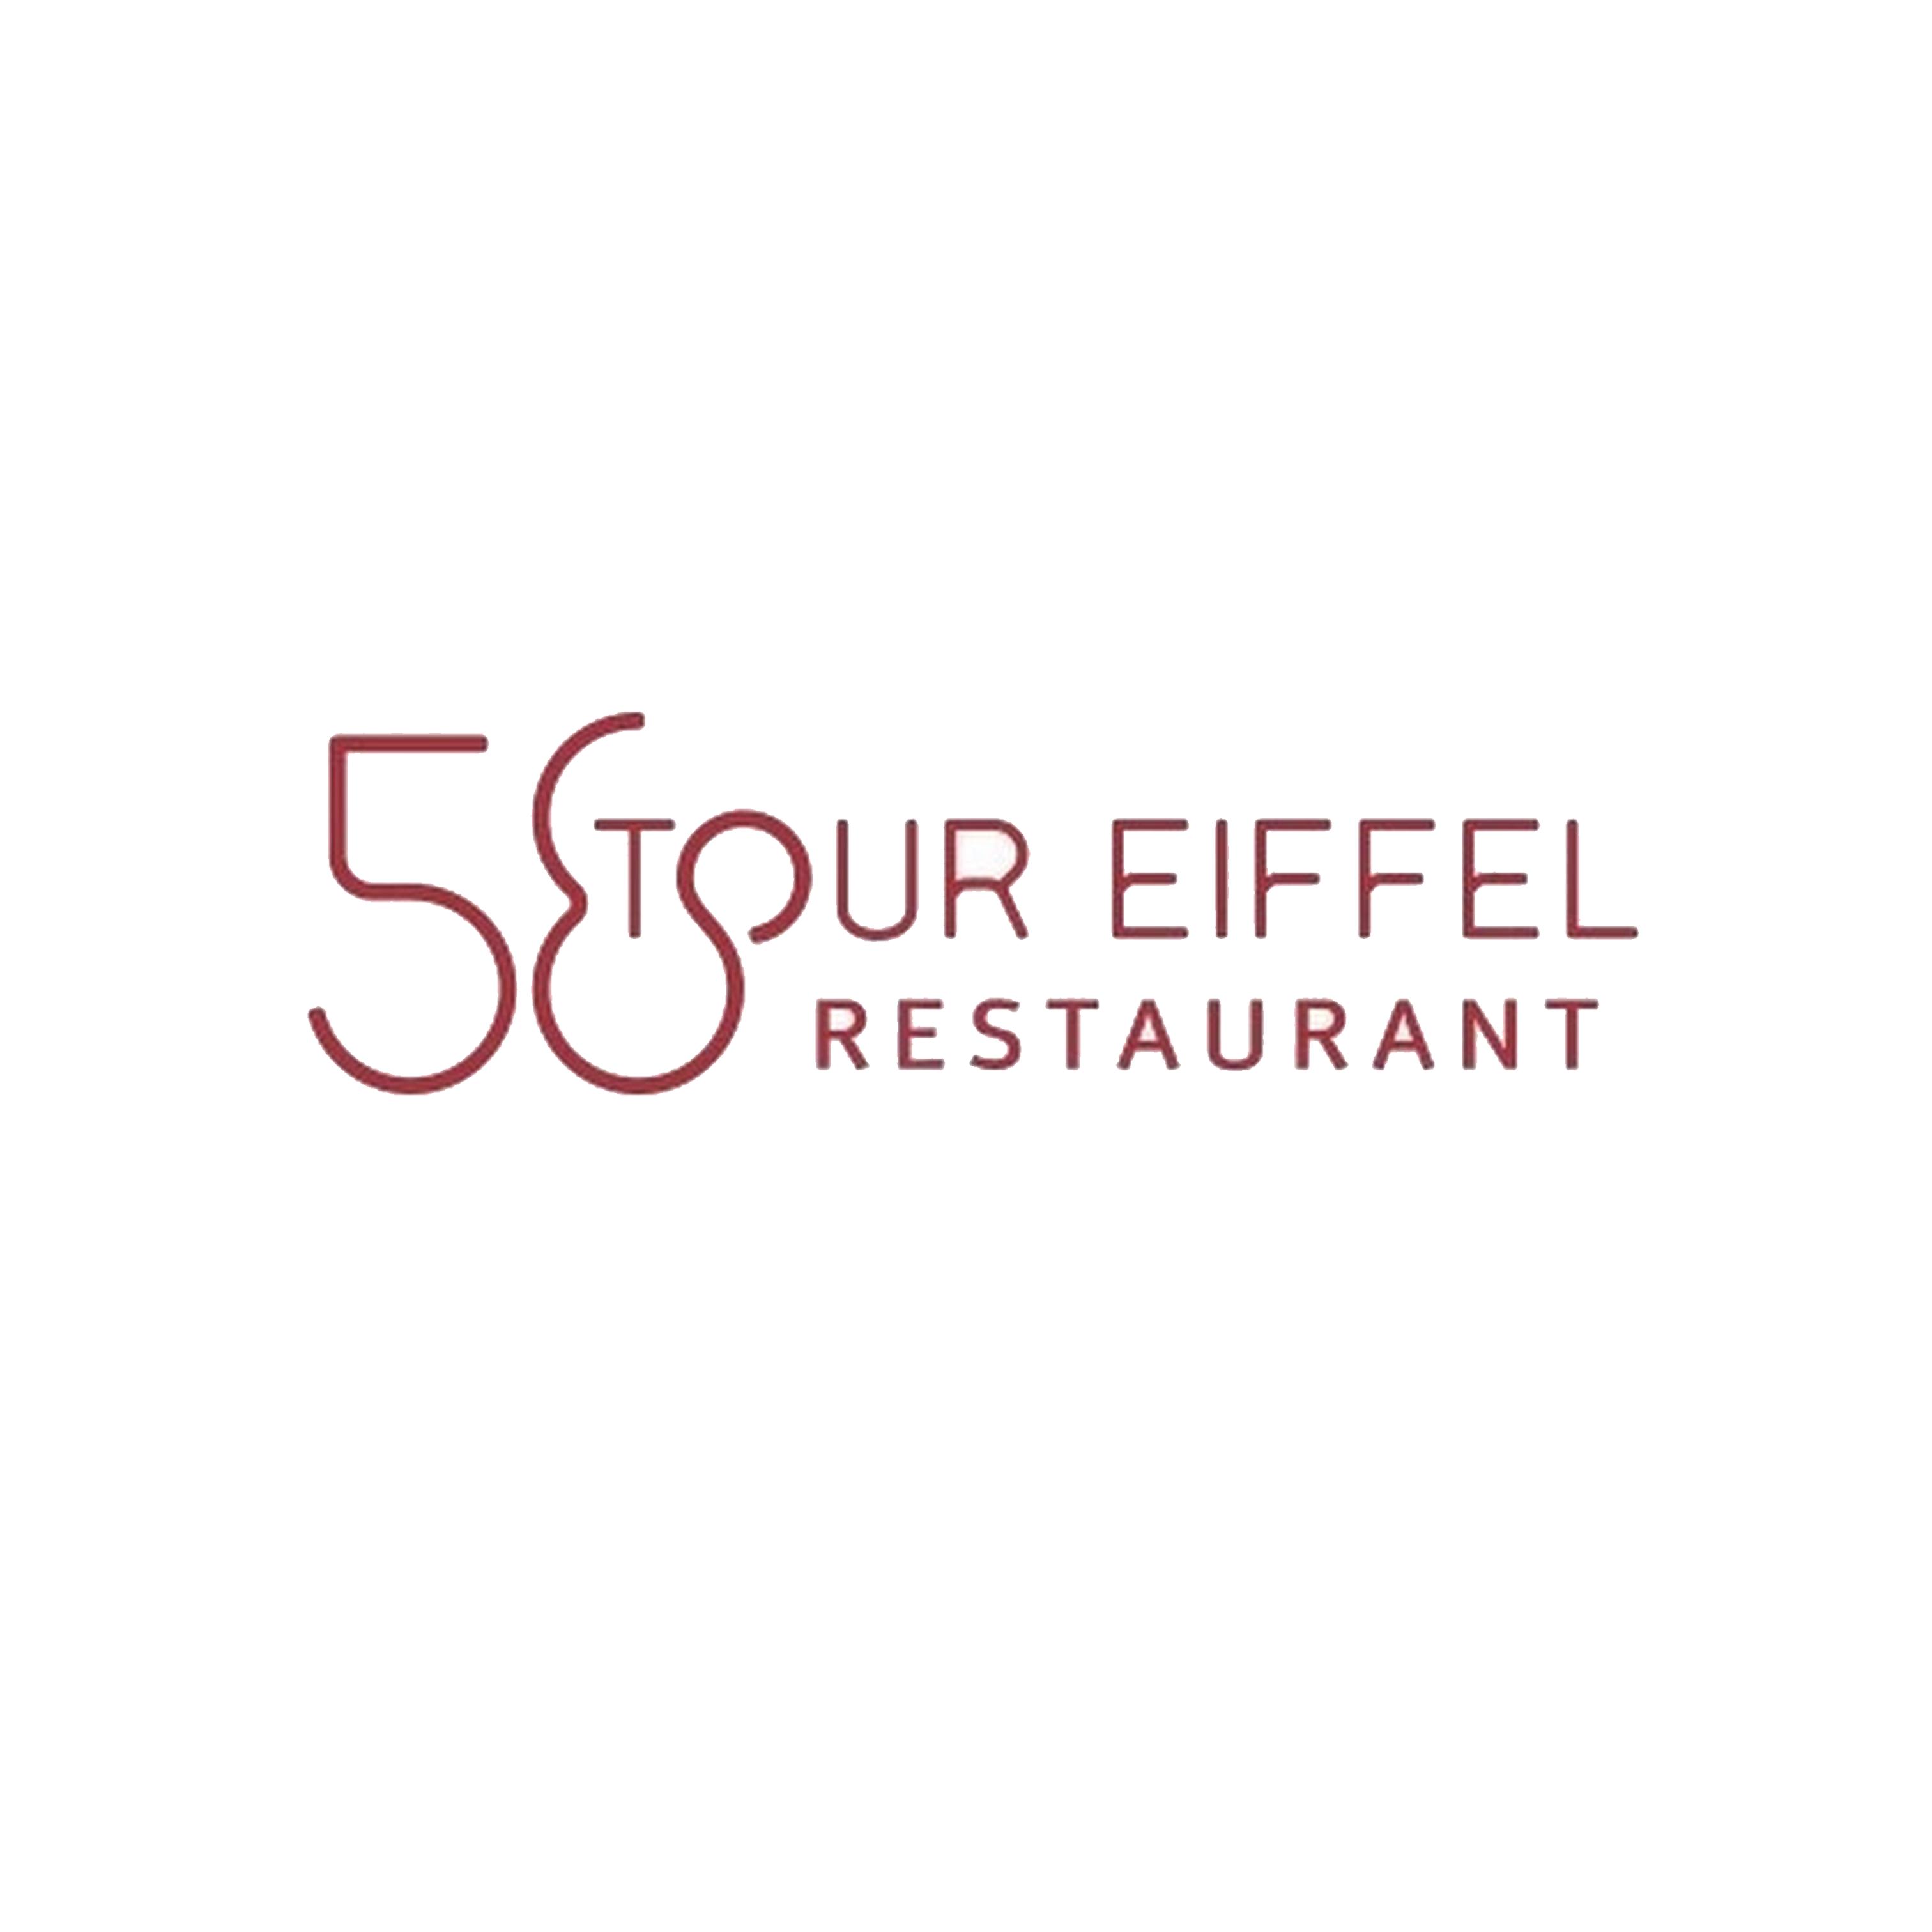 58-Tour-Eiffel